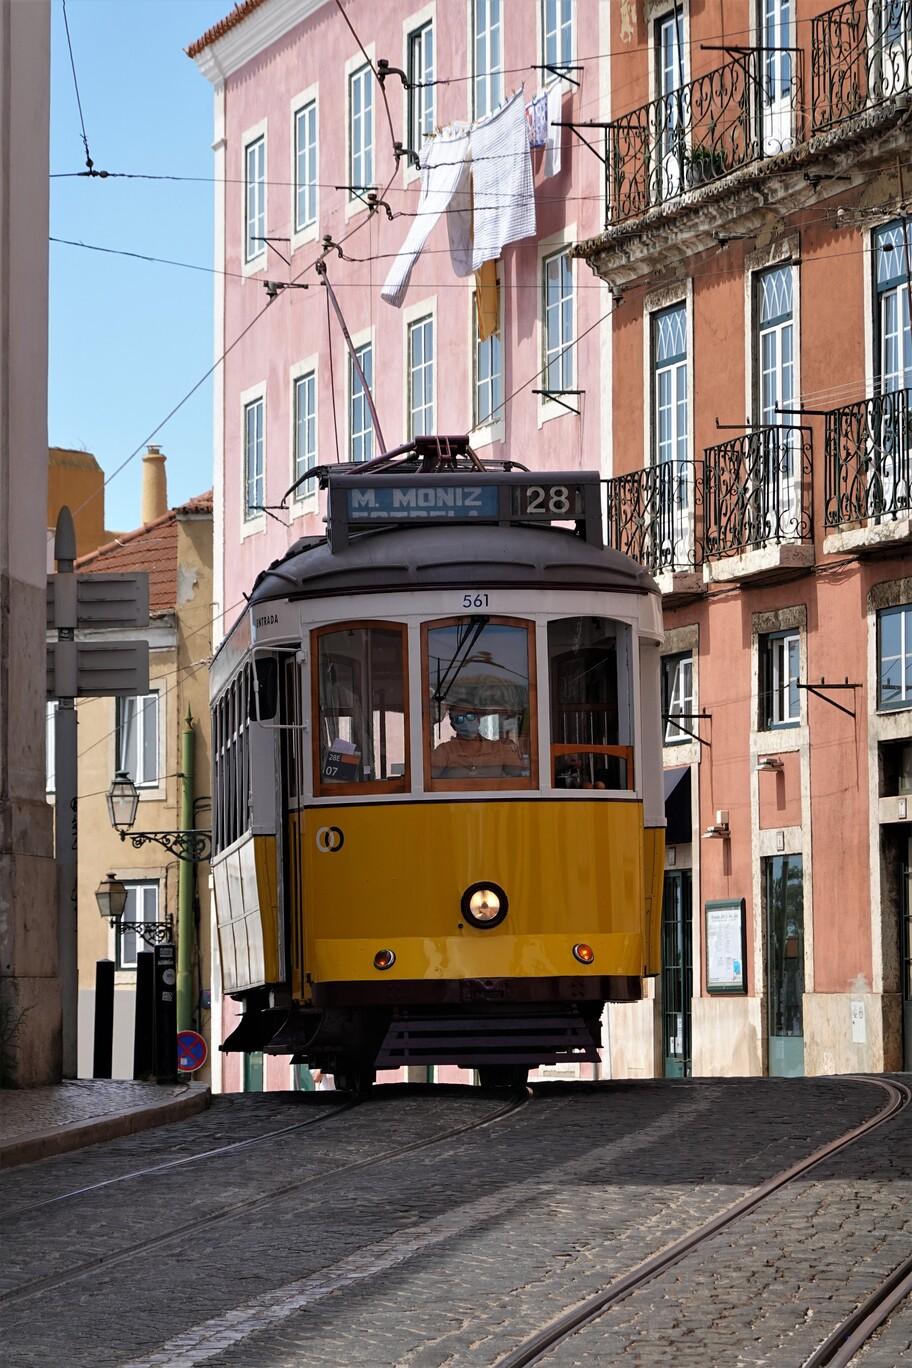 Lisabonské tramvaje dotvářejí atmosféru města